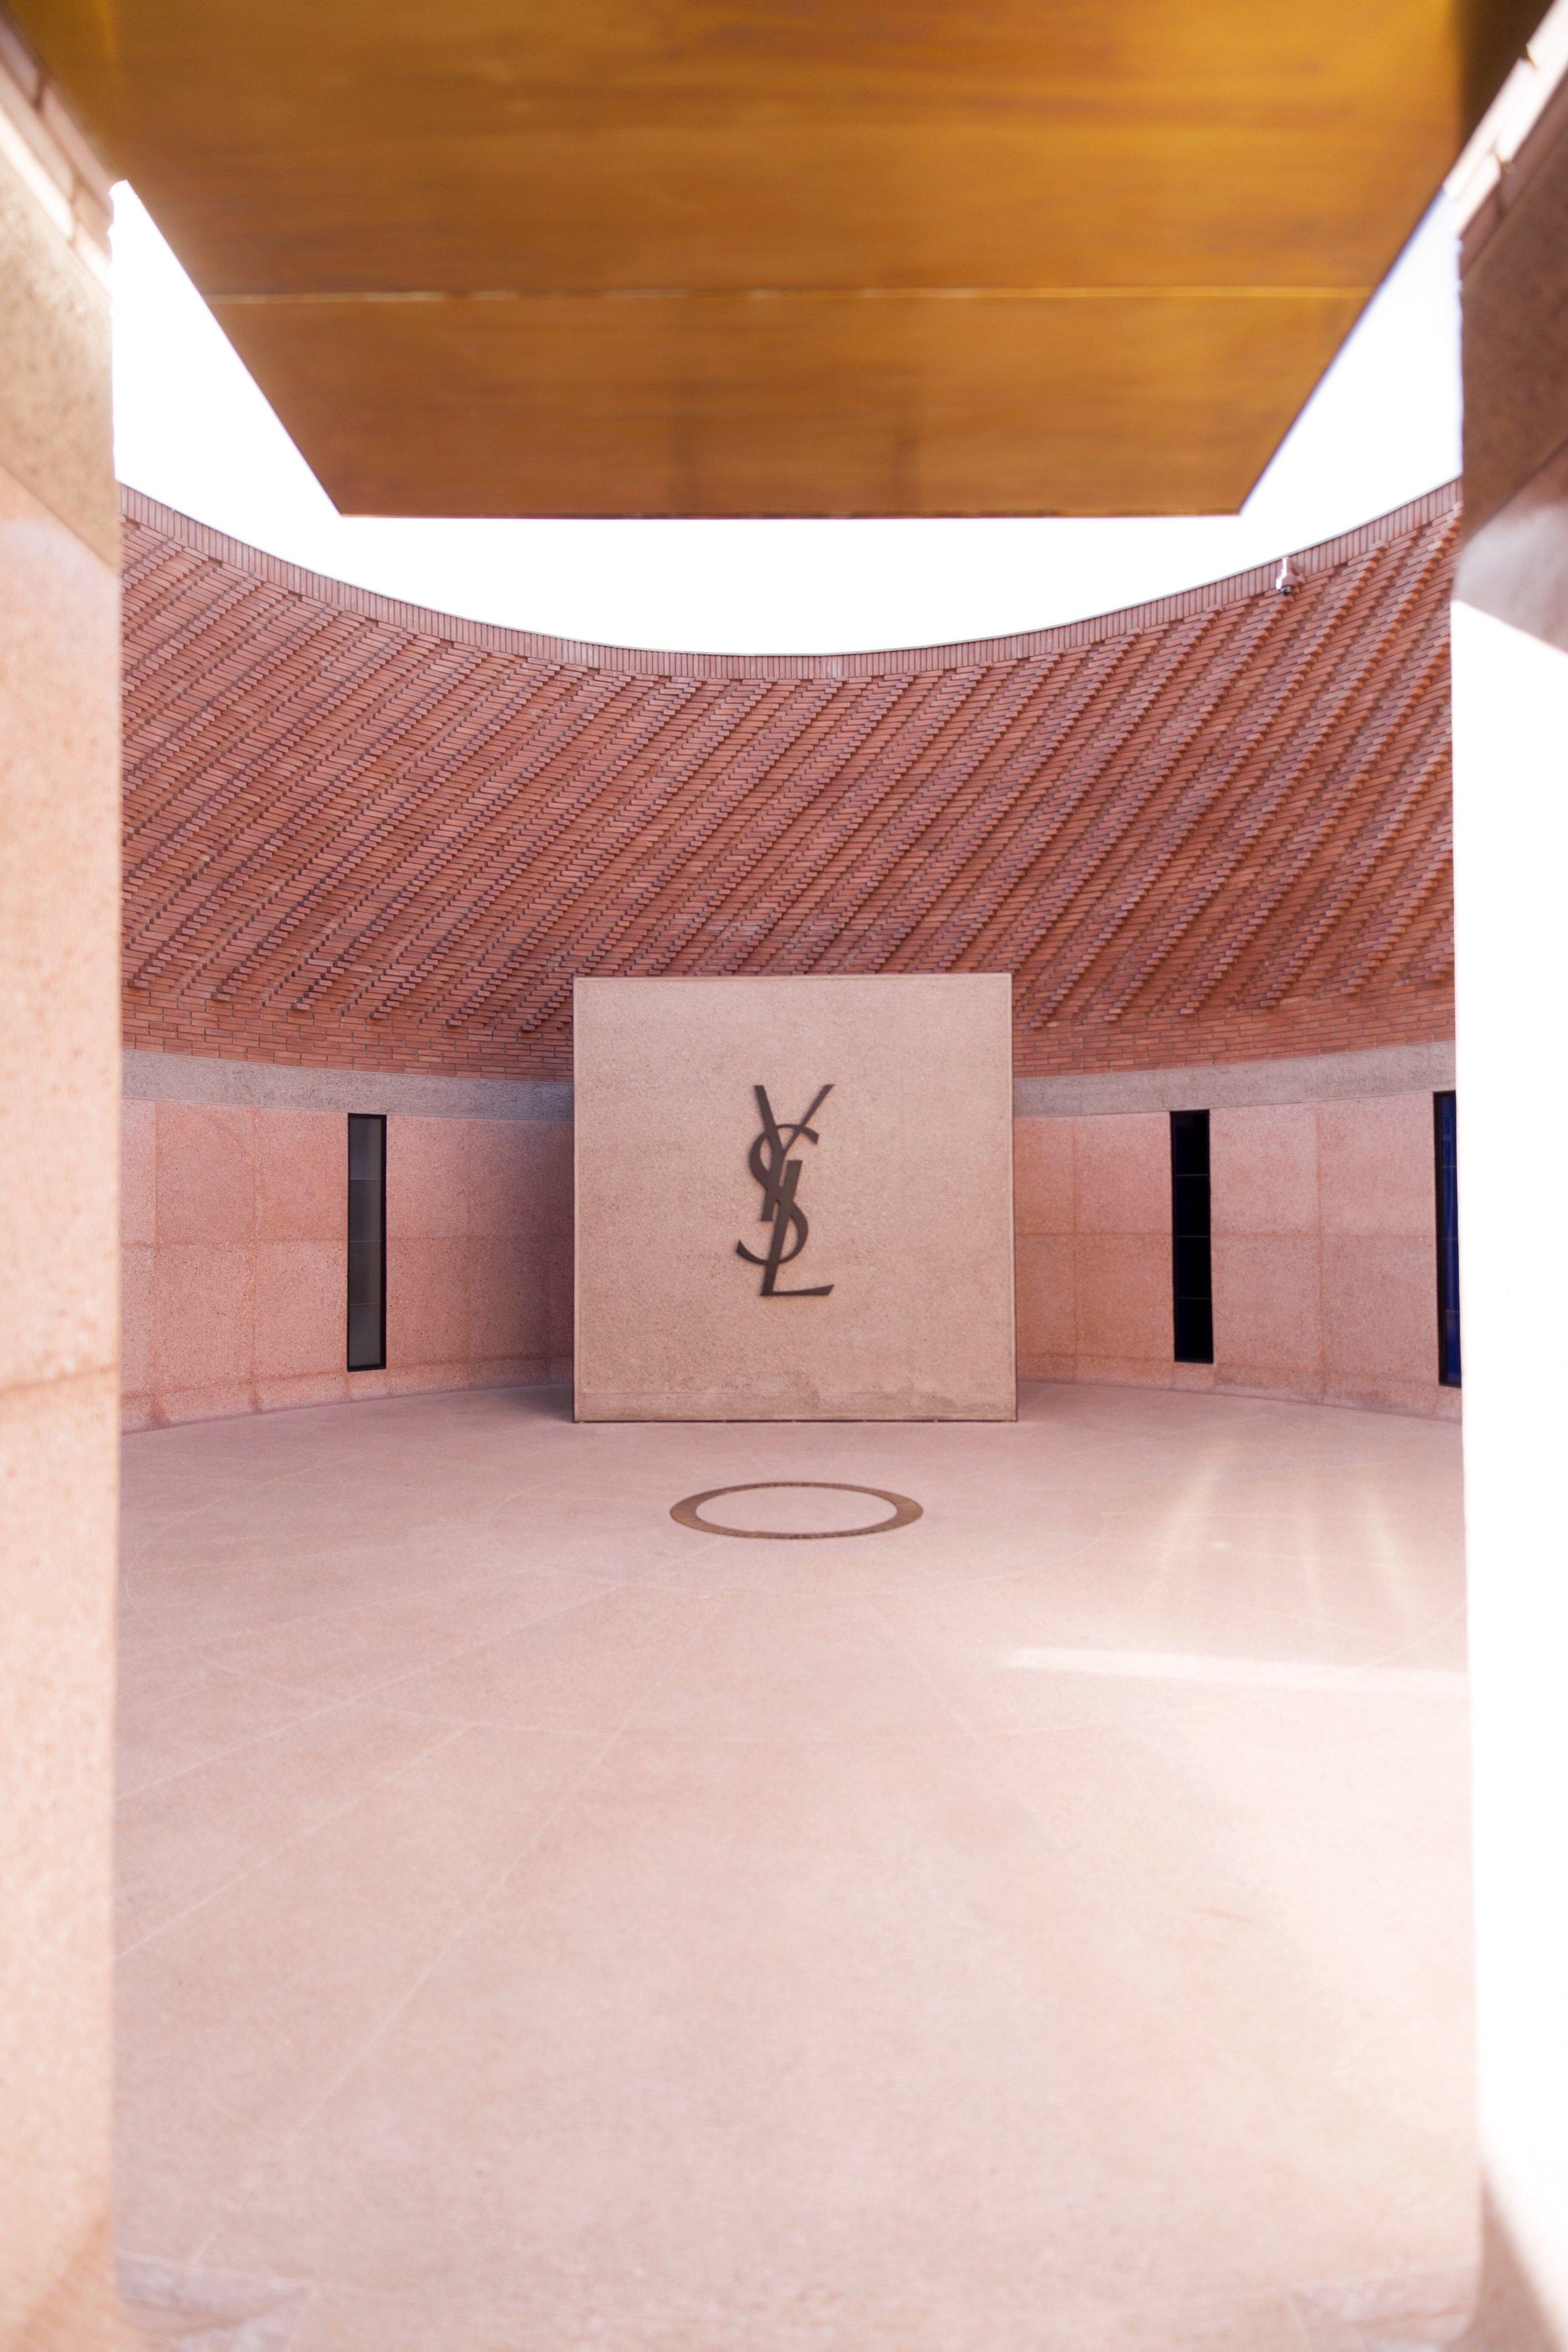 YSLmuseum_1.JPG